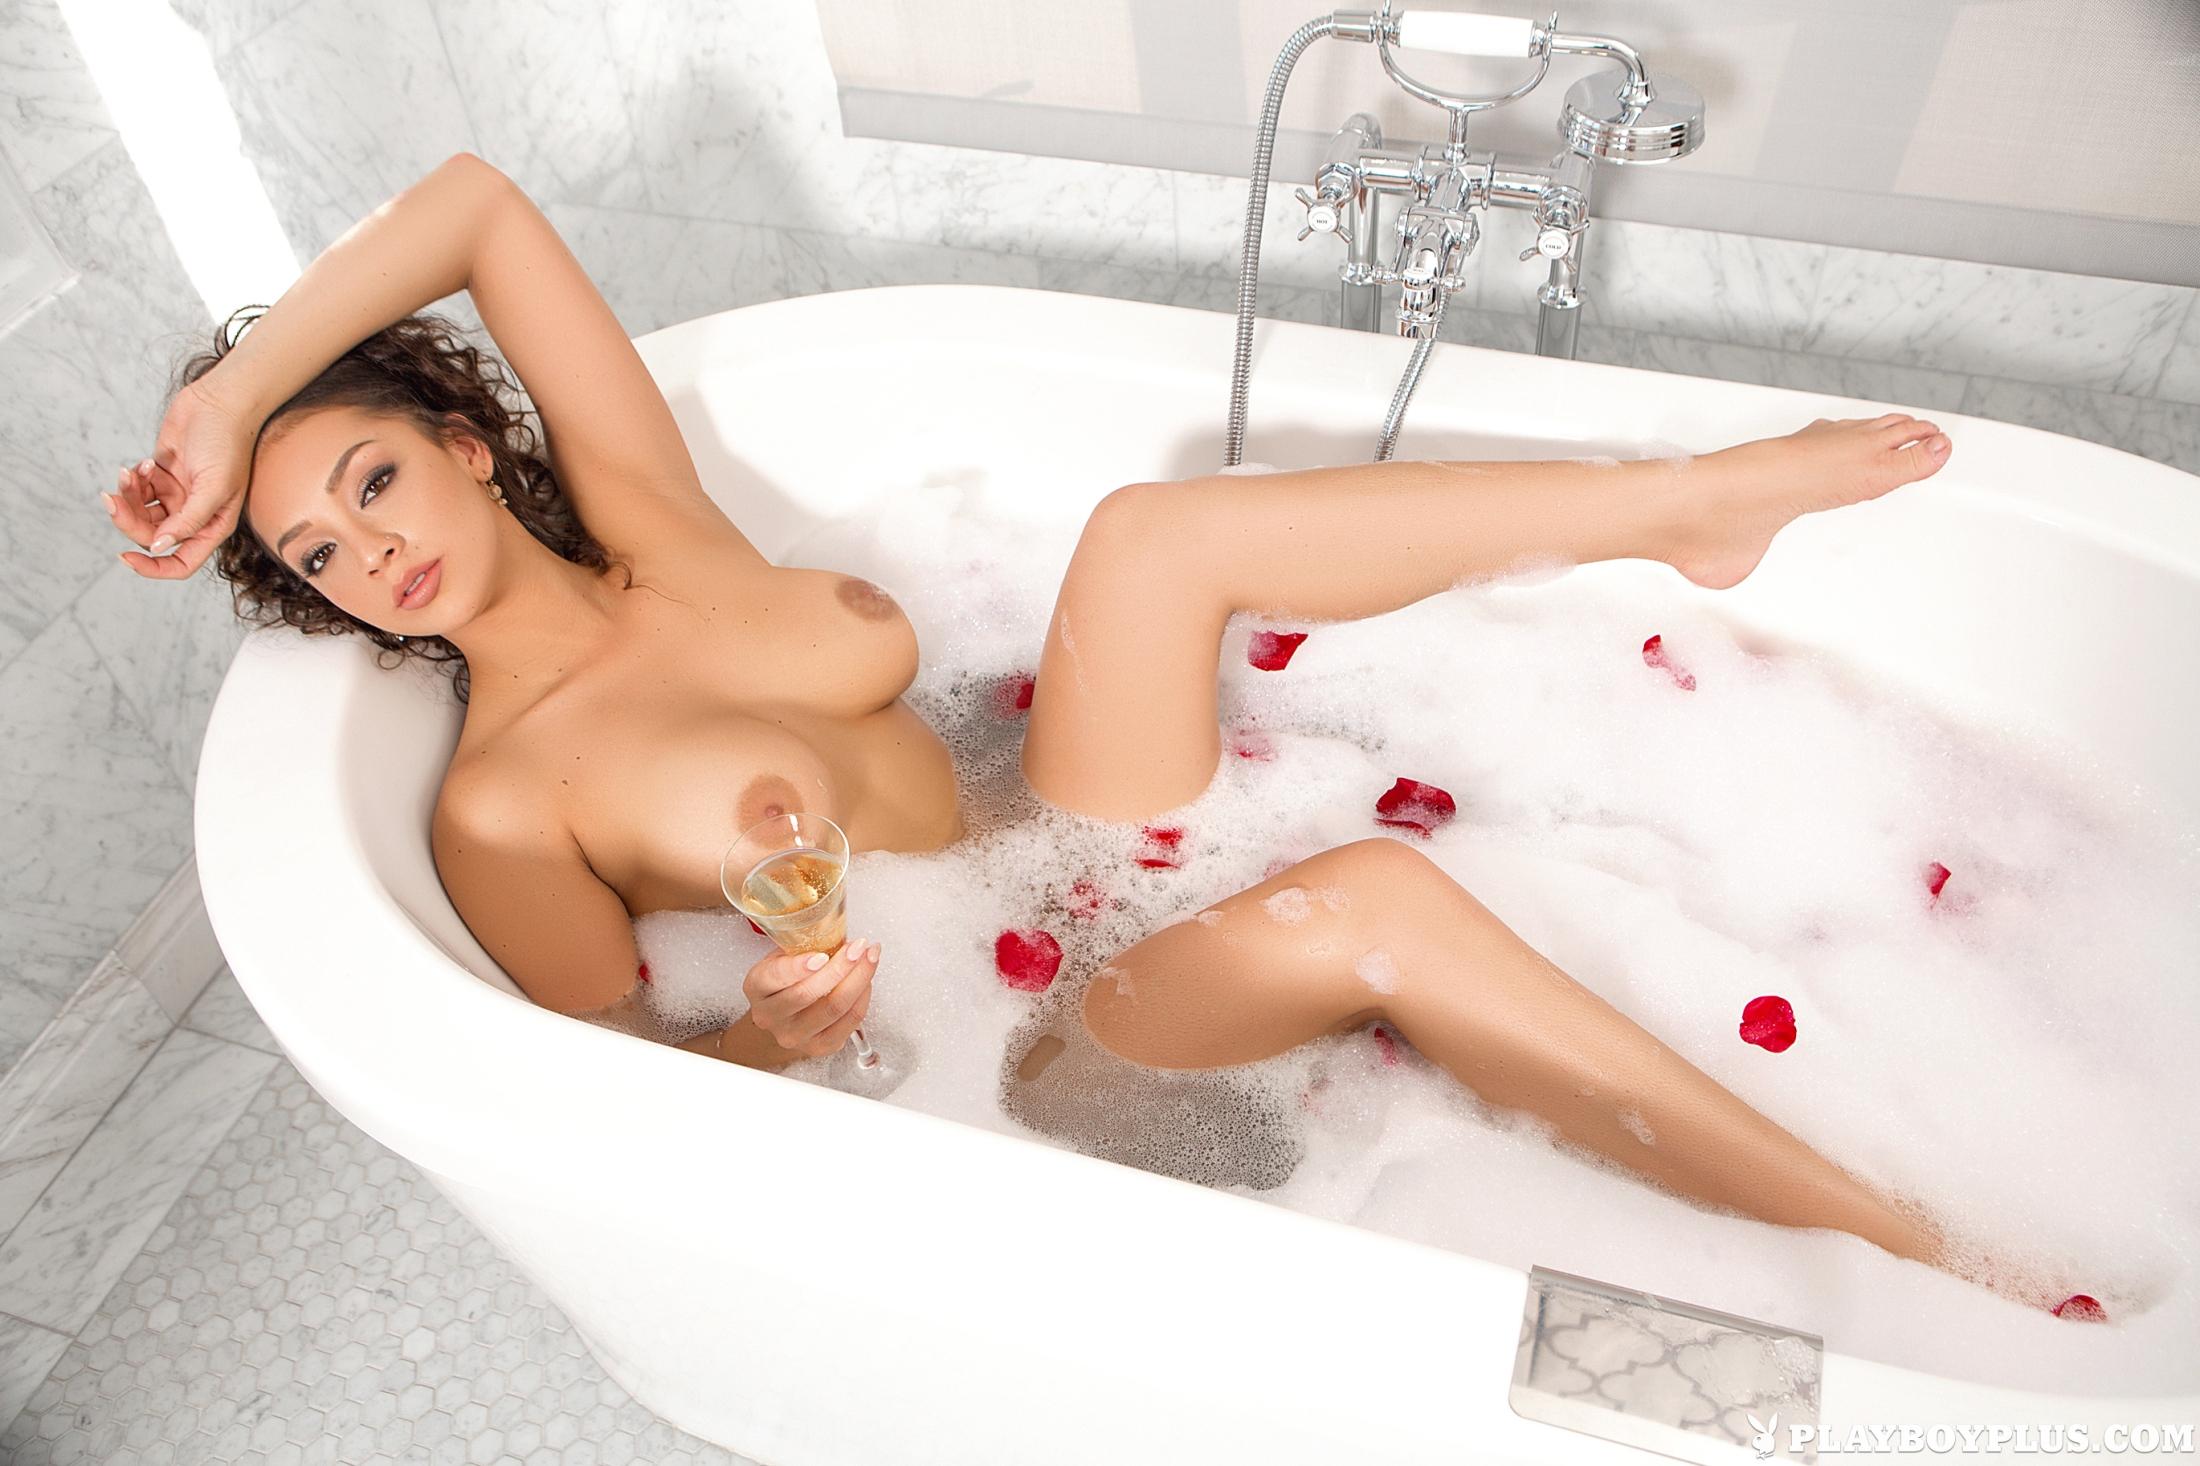 порция воска фото красивых девушек голышок в ванной вашему вниманию групповой